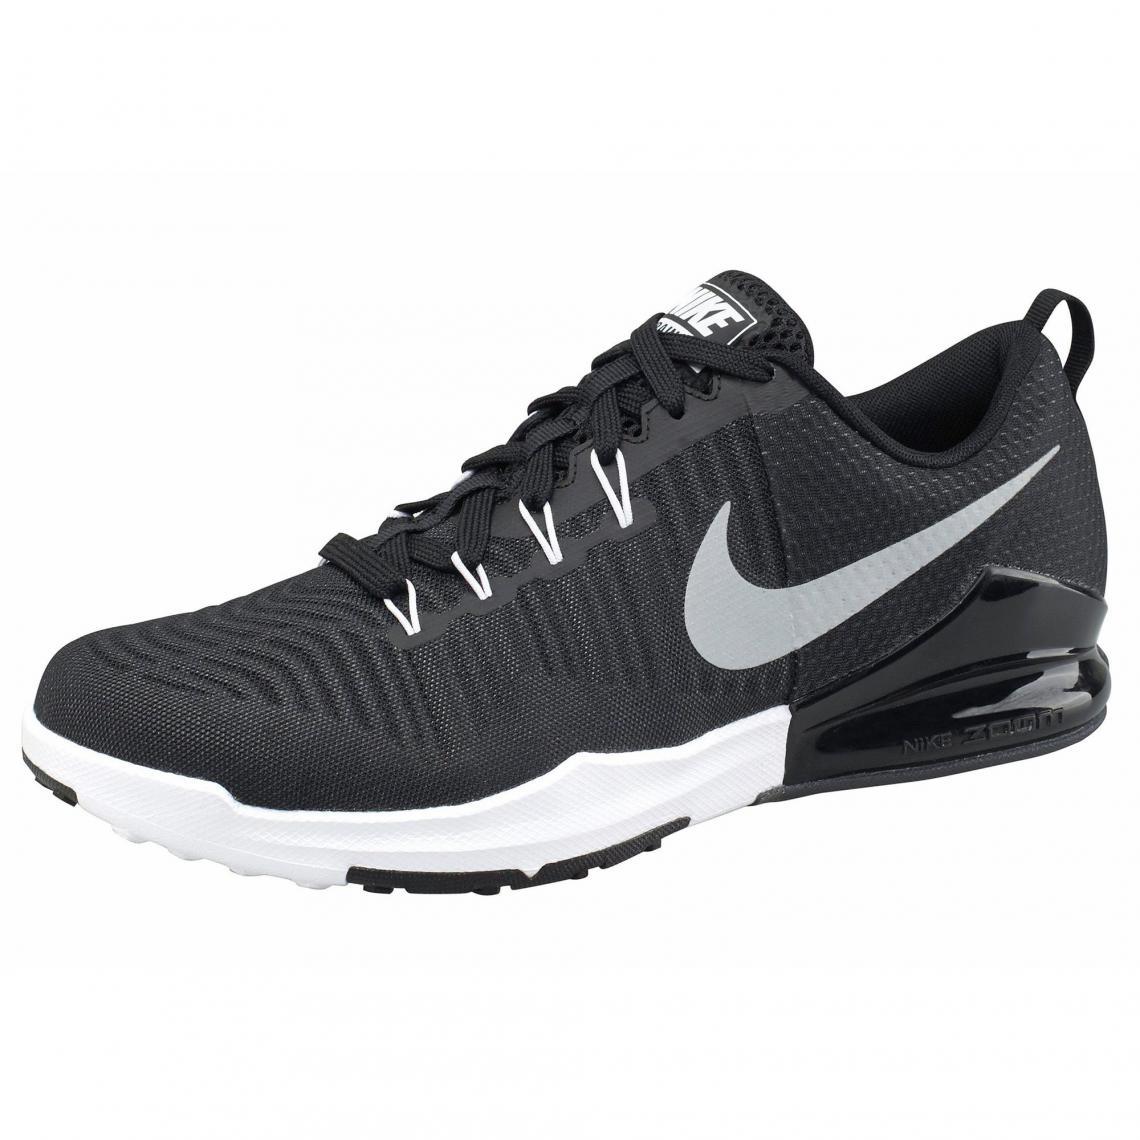 Tr Noir Homme Argenté Sport Chaussures Dynamik Zoom Nike De BqRT1T